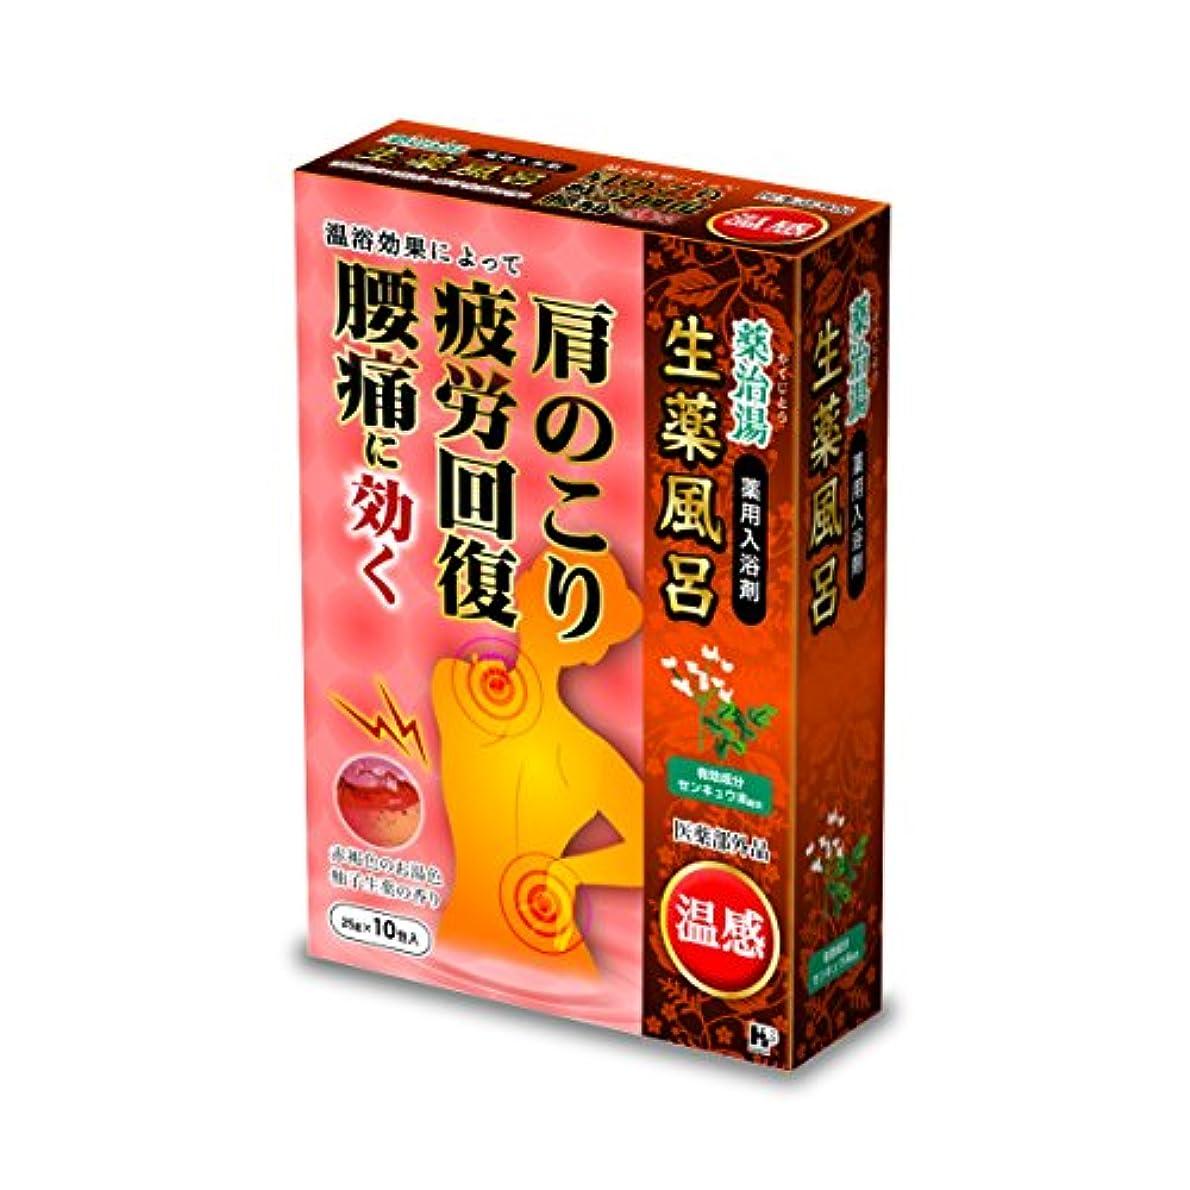 期待する薄暗いシンカン薬治湯温感 柚子生薬の香り